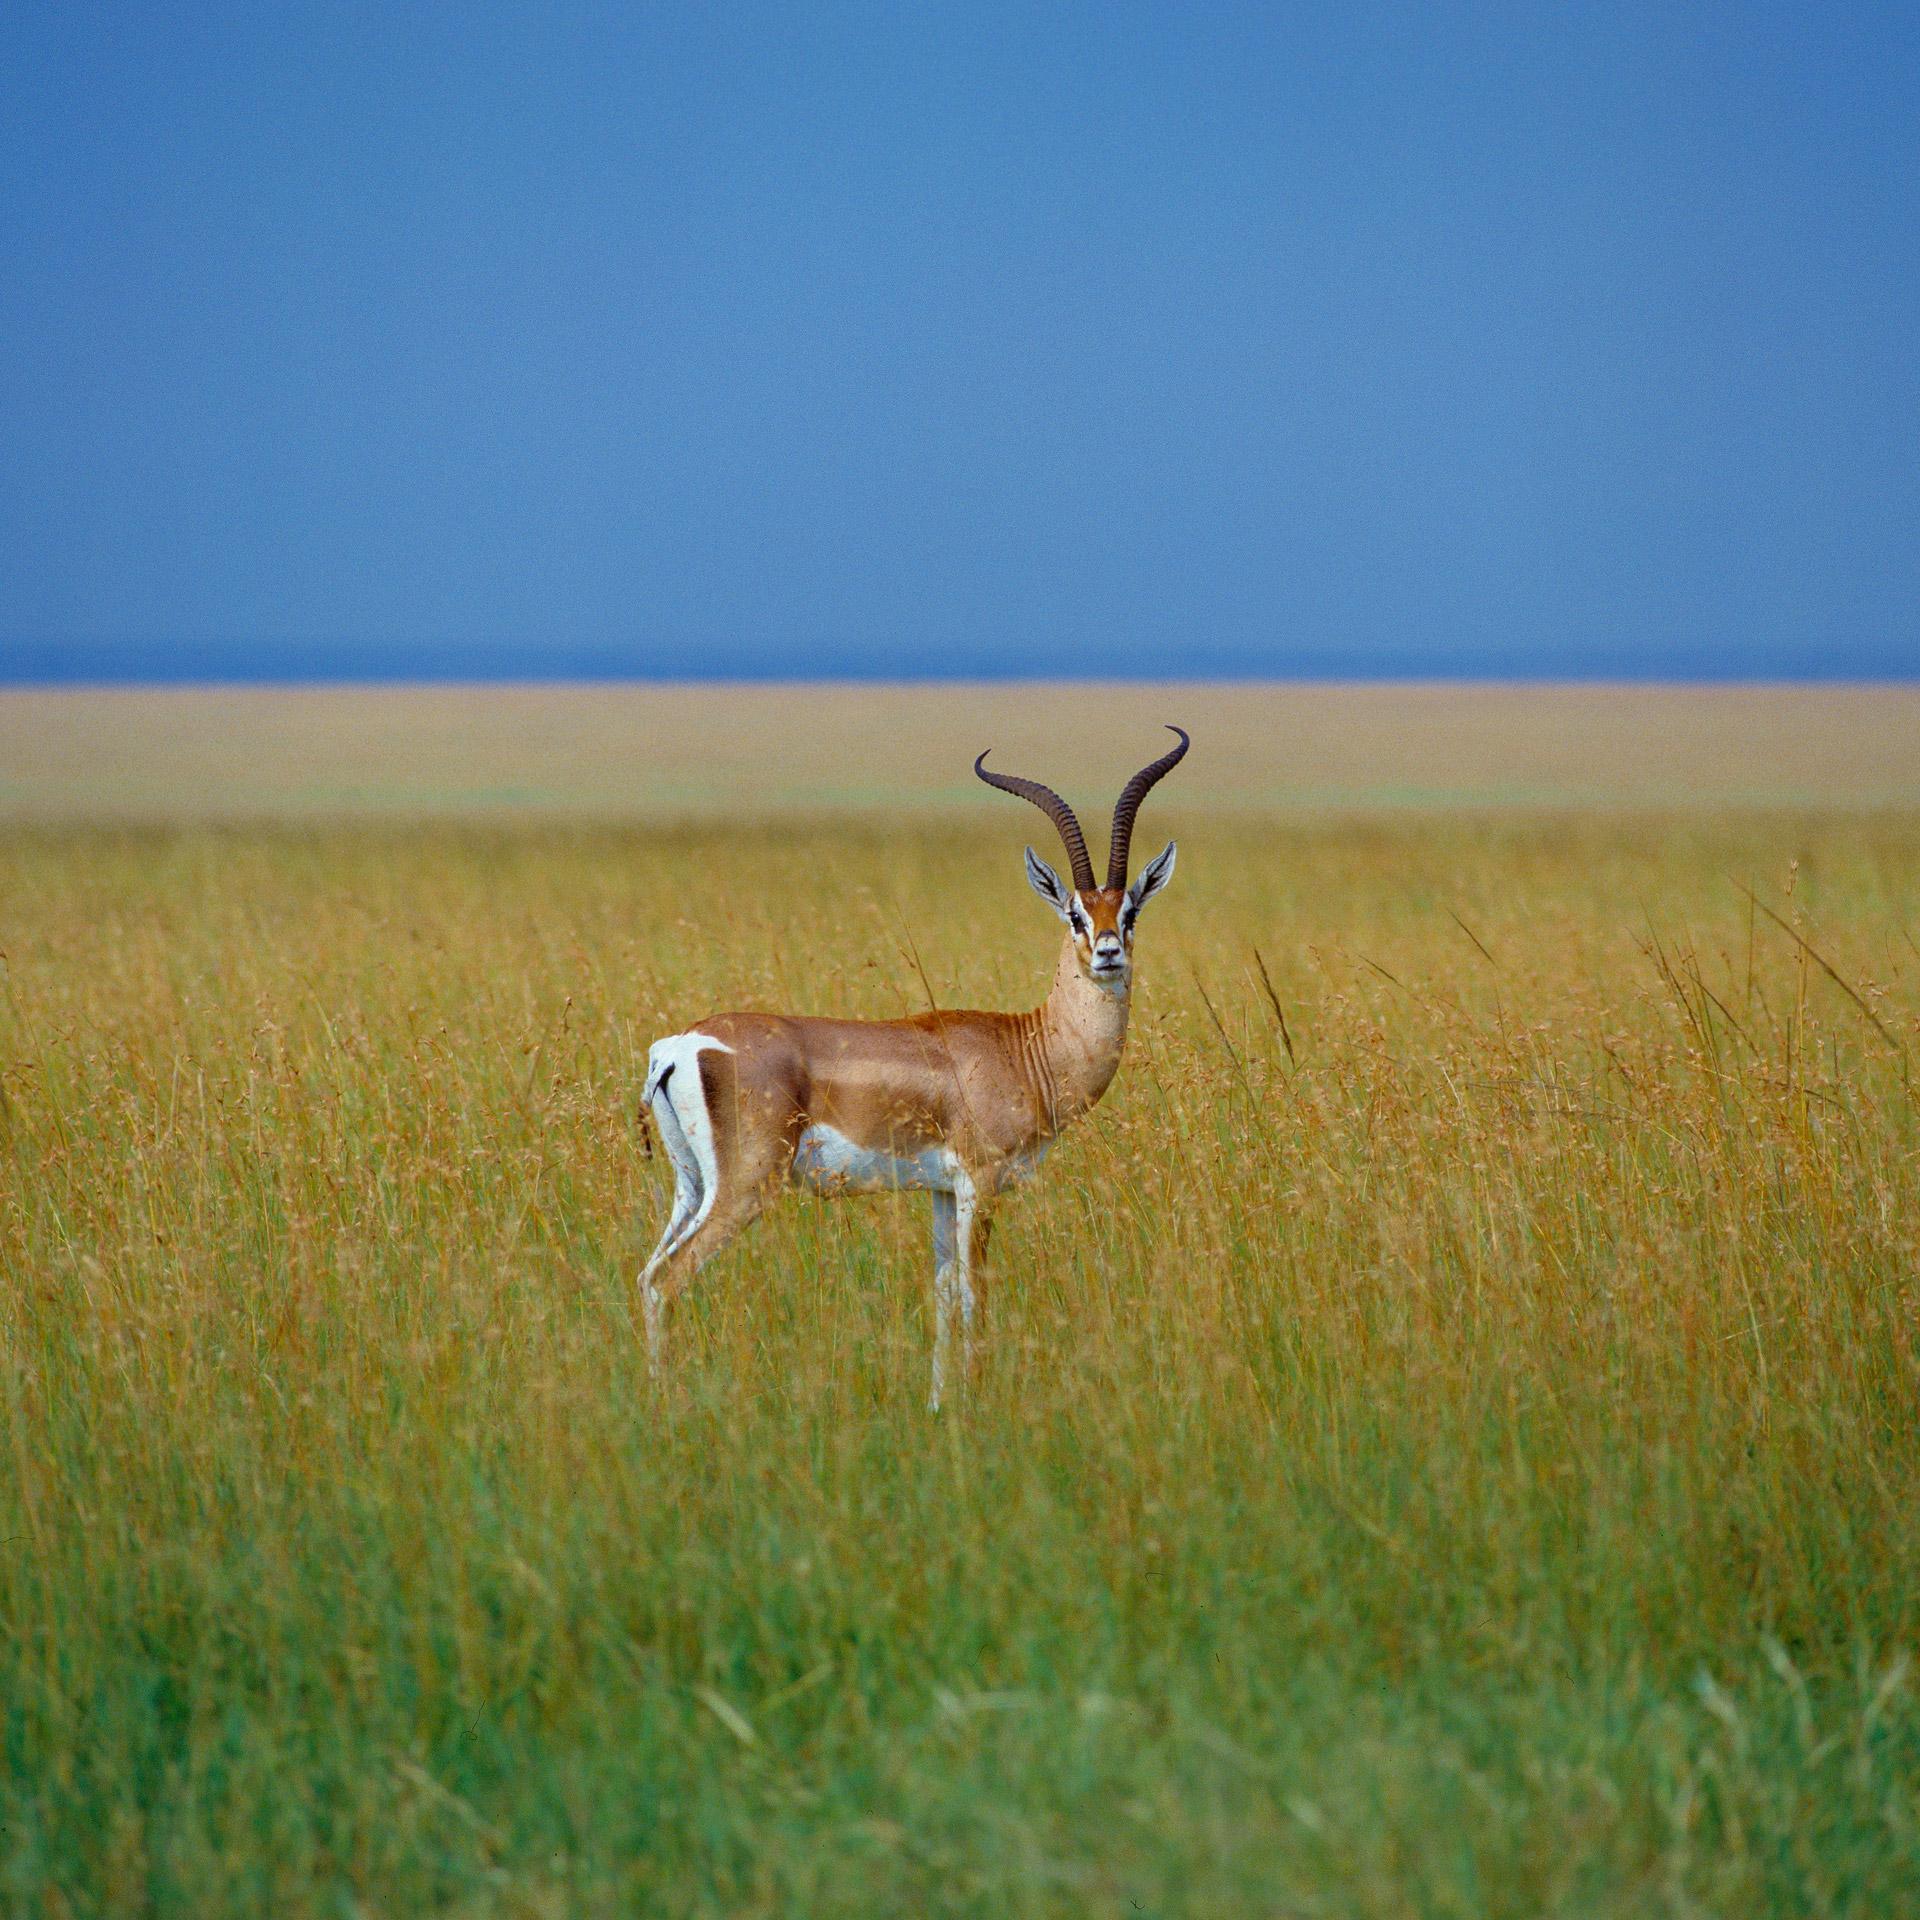 Grant's gazelle in Masai Mara kenya